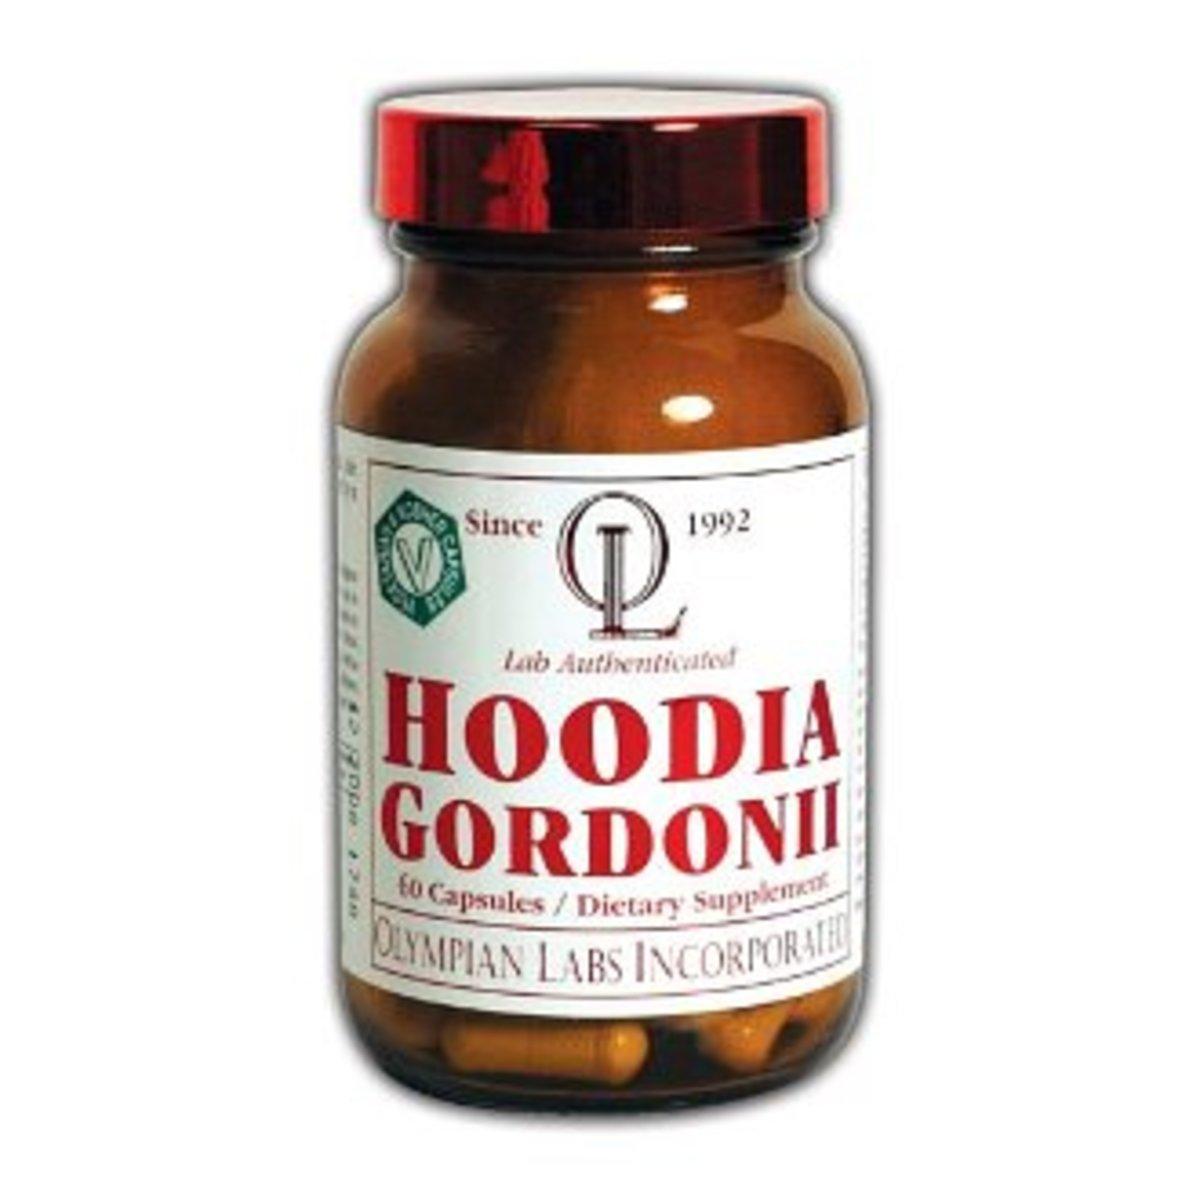 Hoodia Gordonii capsules